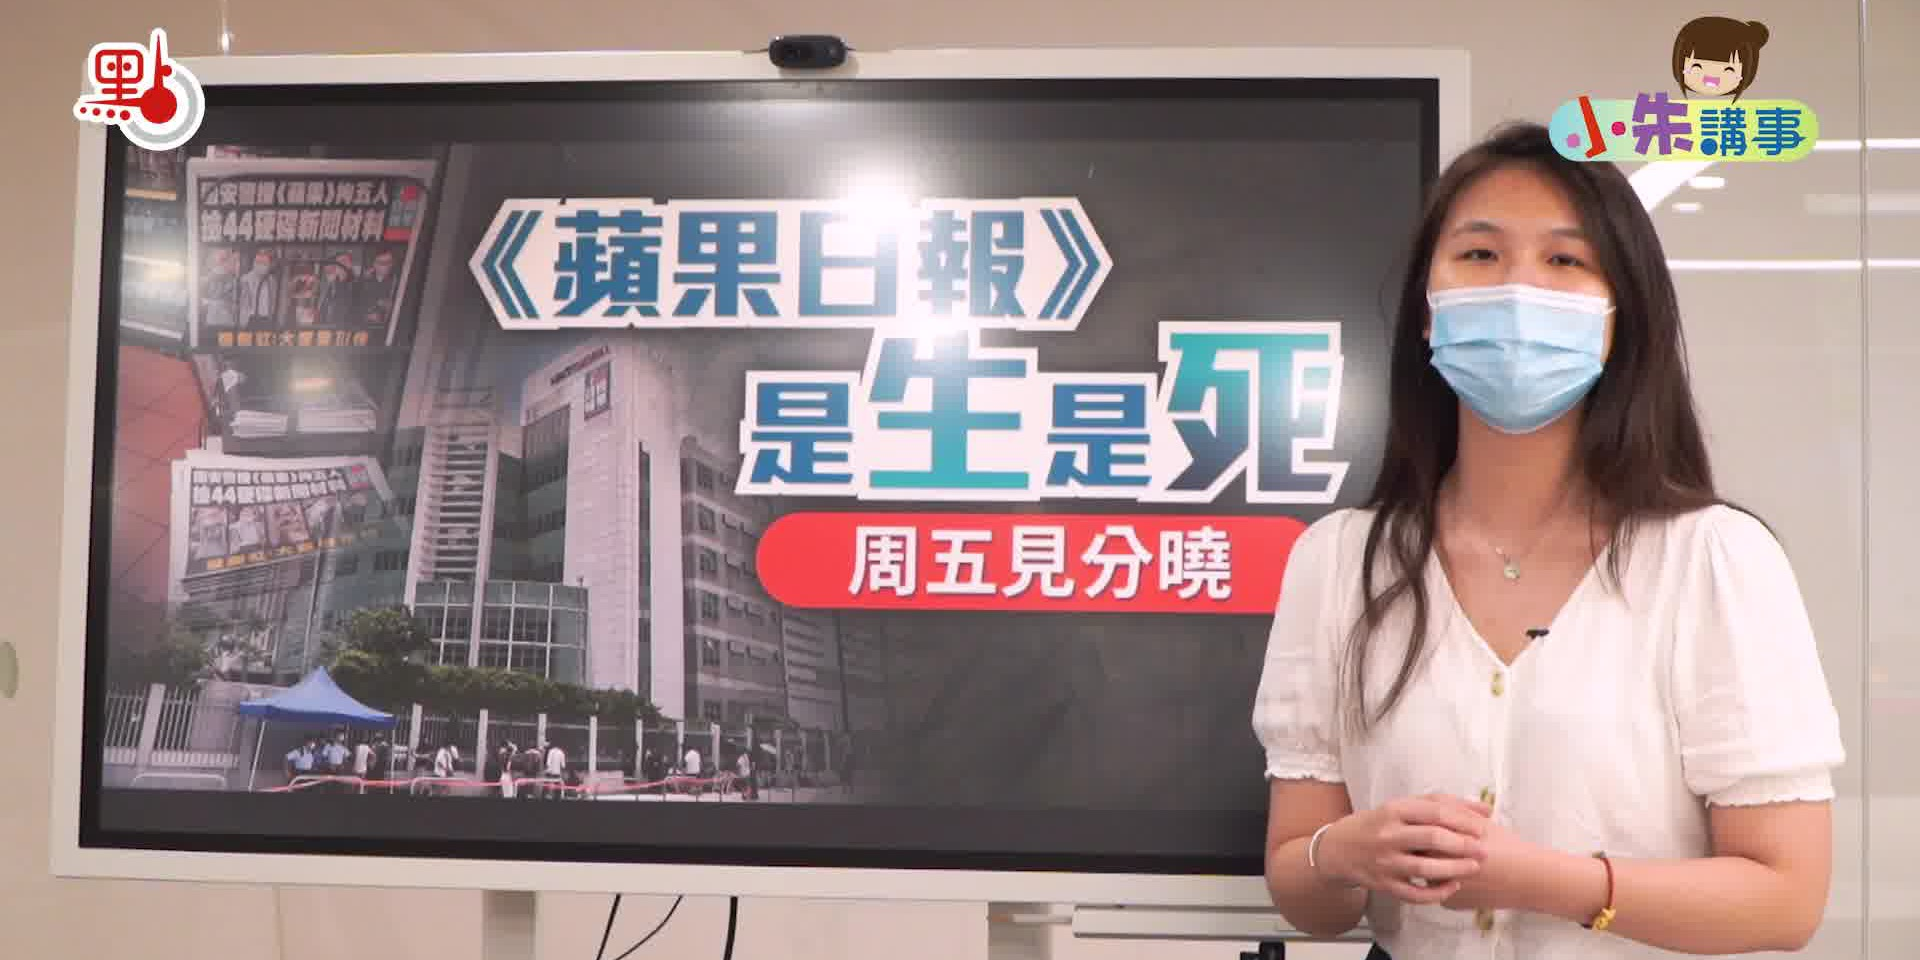 小朱講事 | 蘋果周五生死見分曉  員工勞工糾紛可維權